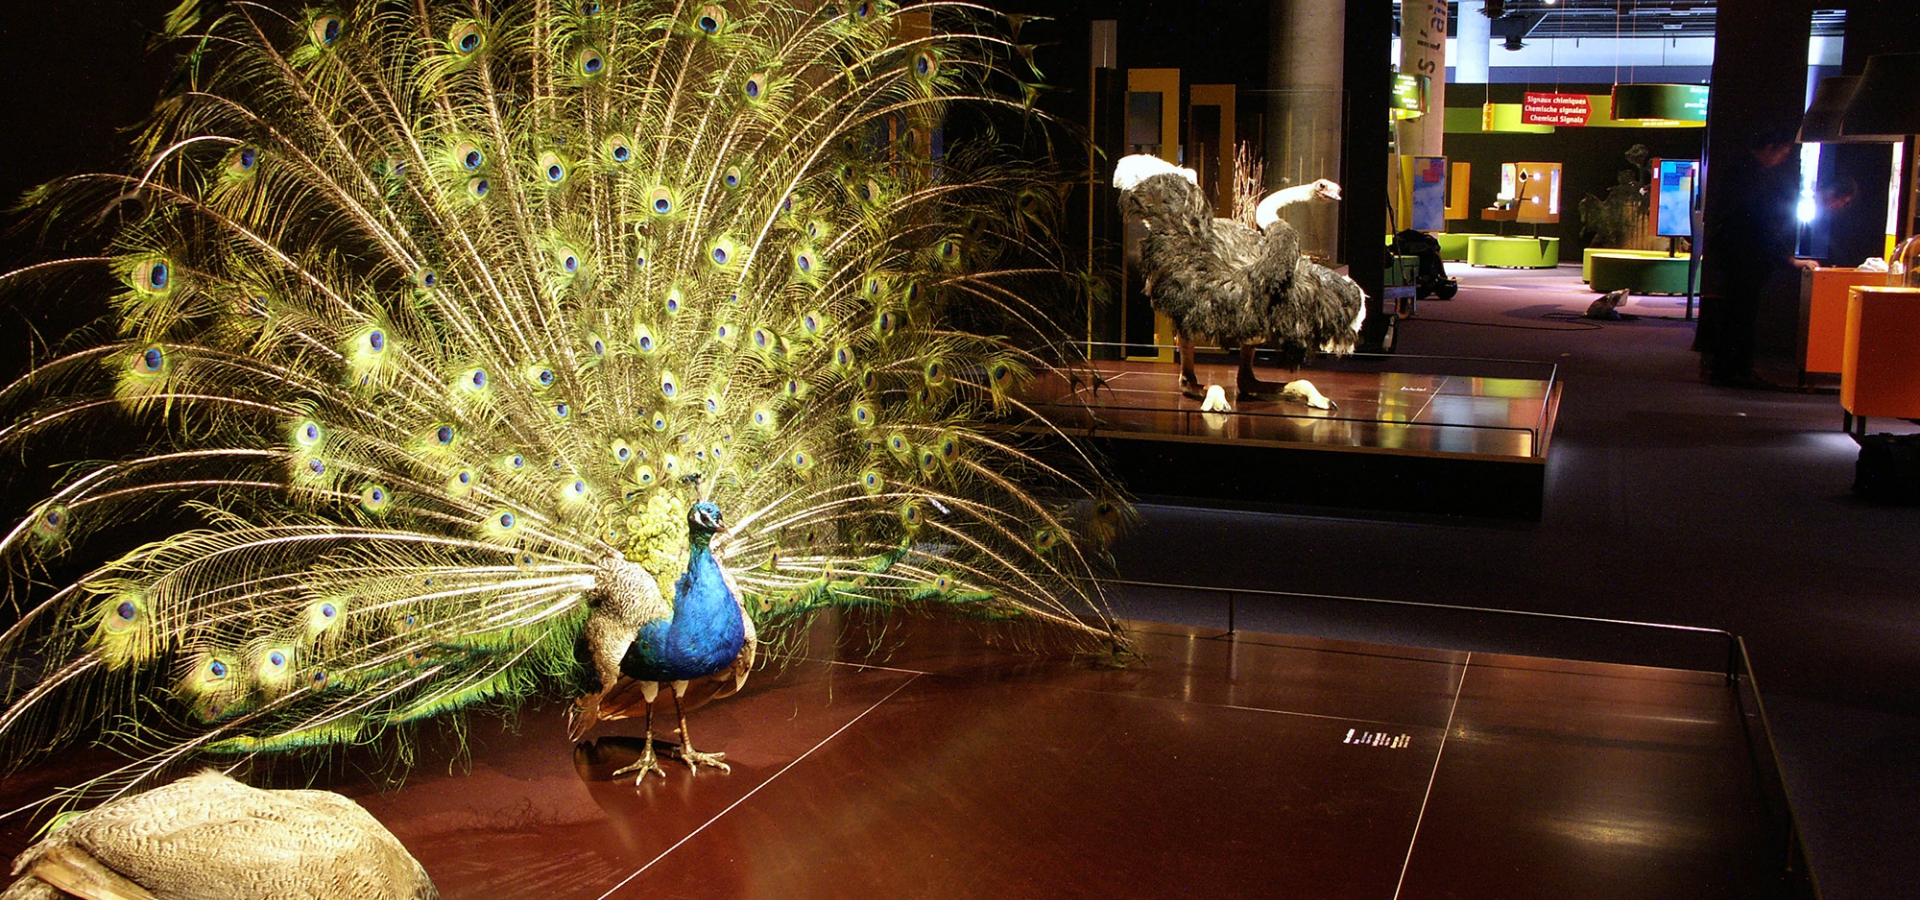 Exposition Parades, ou la séduction dans le monde animal - Le paon fait la roue pour séduire © MNHN - Bernard Faye